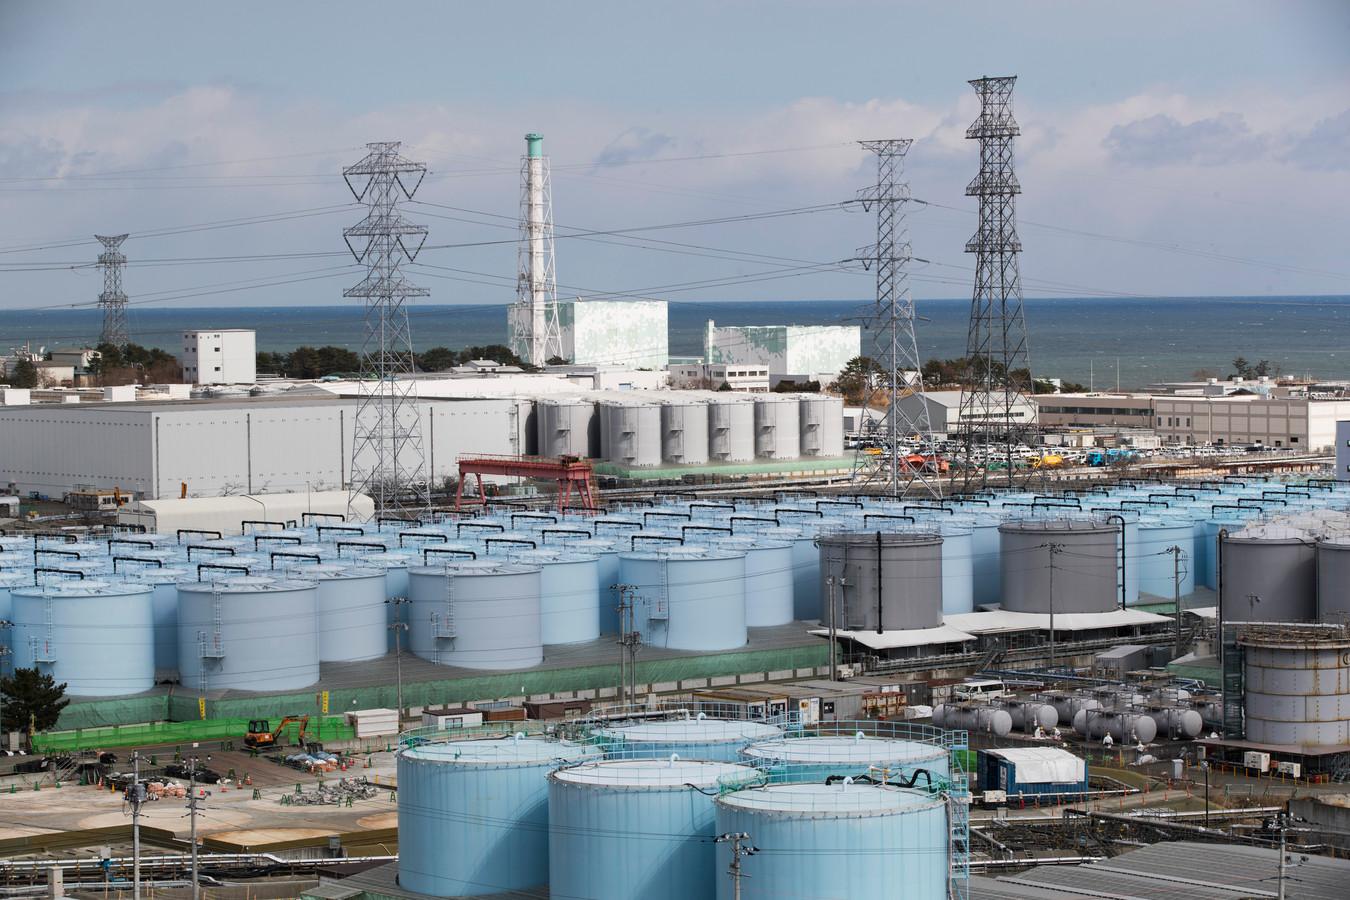 Sur cette photo d'archive du samedi 27 février 2021, les réacteurs nucléaires n°5, au centre gauche, et n°6 regardent des réservoirs stockant de l'eau traitée mais toujours radioactive, à la centrale nucléaire de Fukushima Daiichi dans la ville d'Okuma, préfecture de Fukushima, au nord-est du Japon.